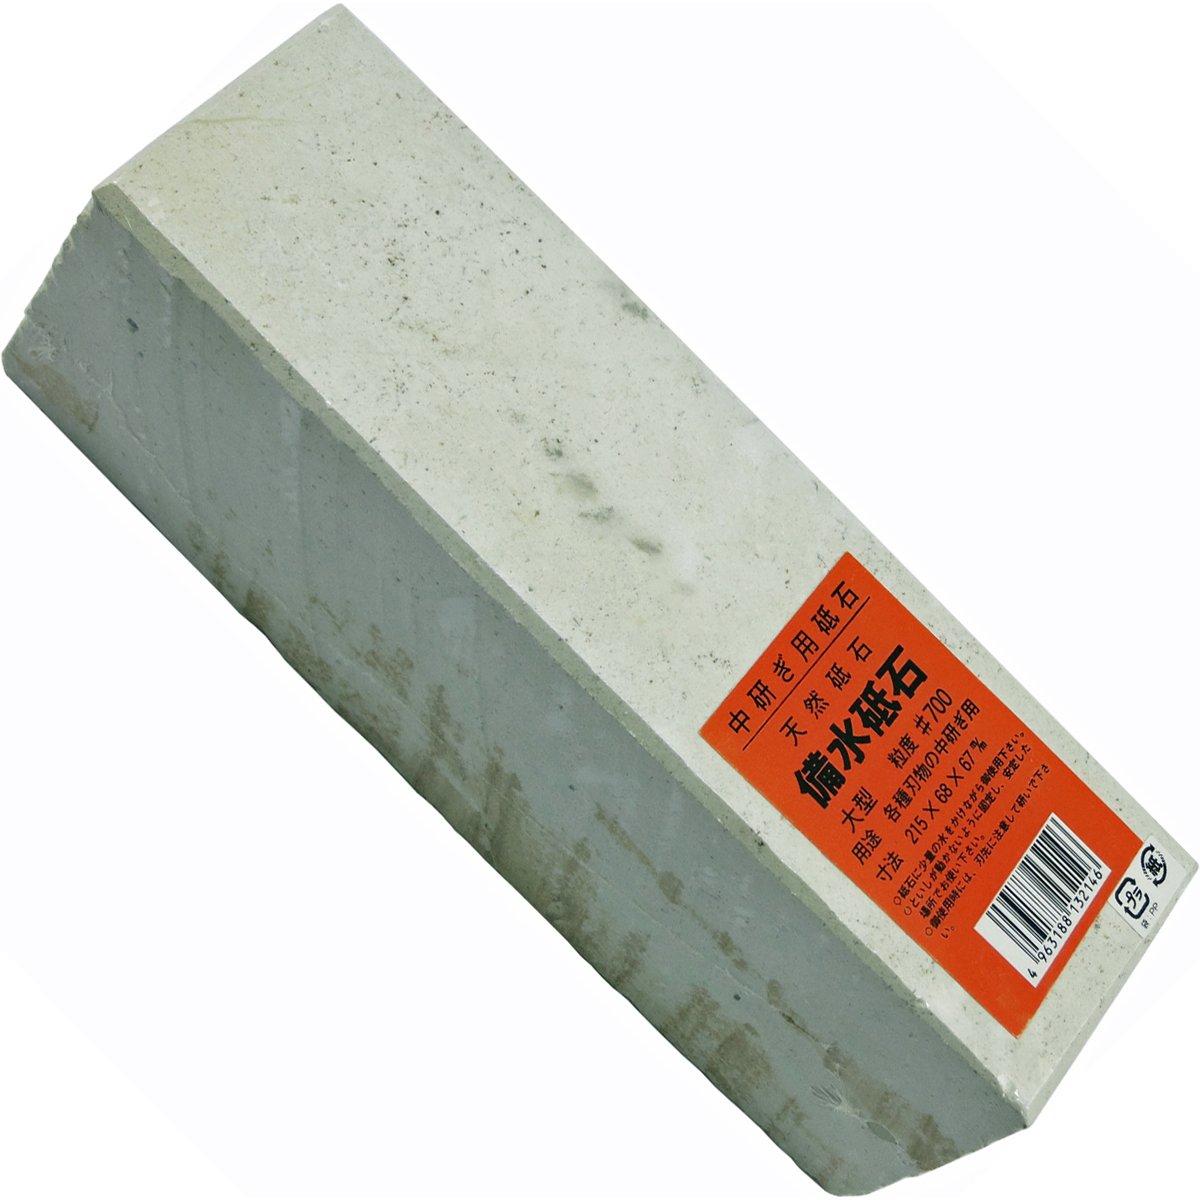 天然砥石 備水砥石 大型 12切 #700